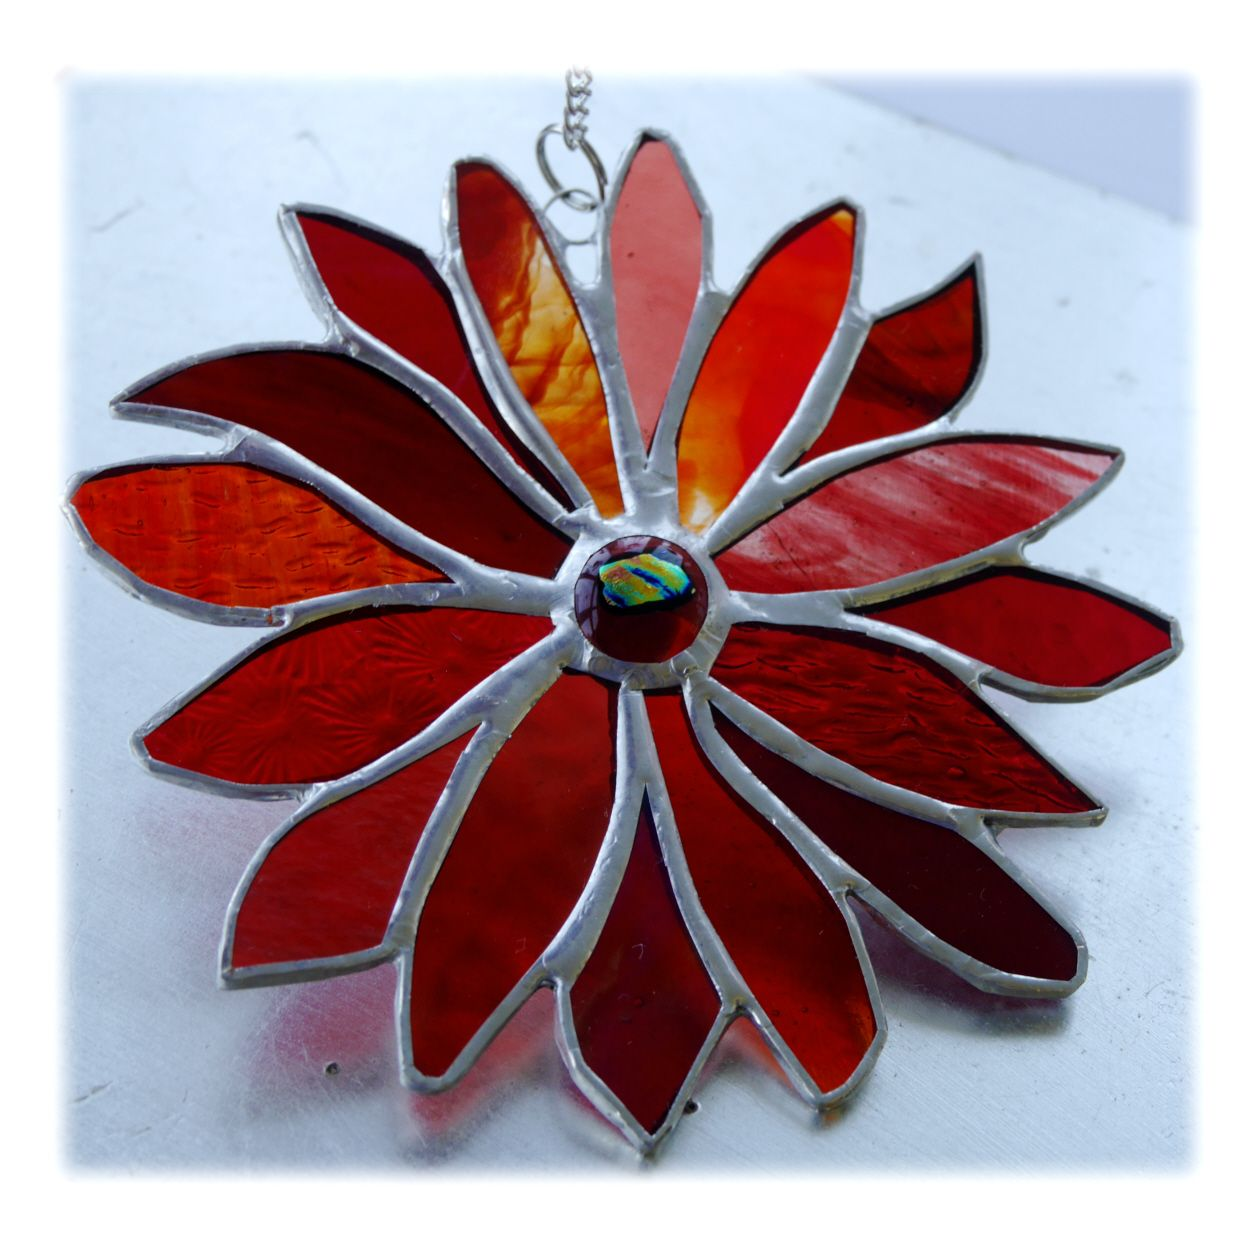 Fire Flower 002 #1908 FREE 18.75